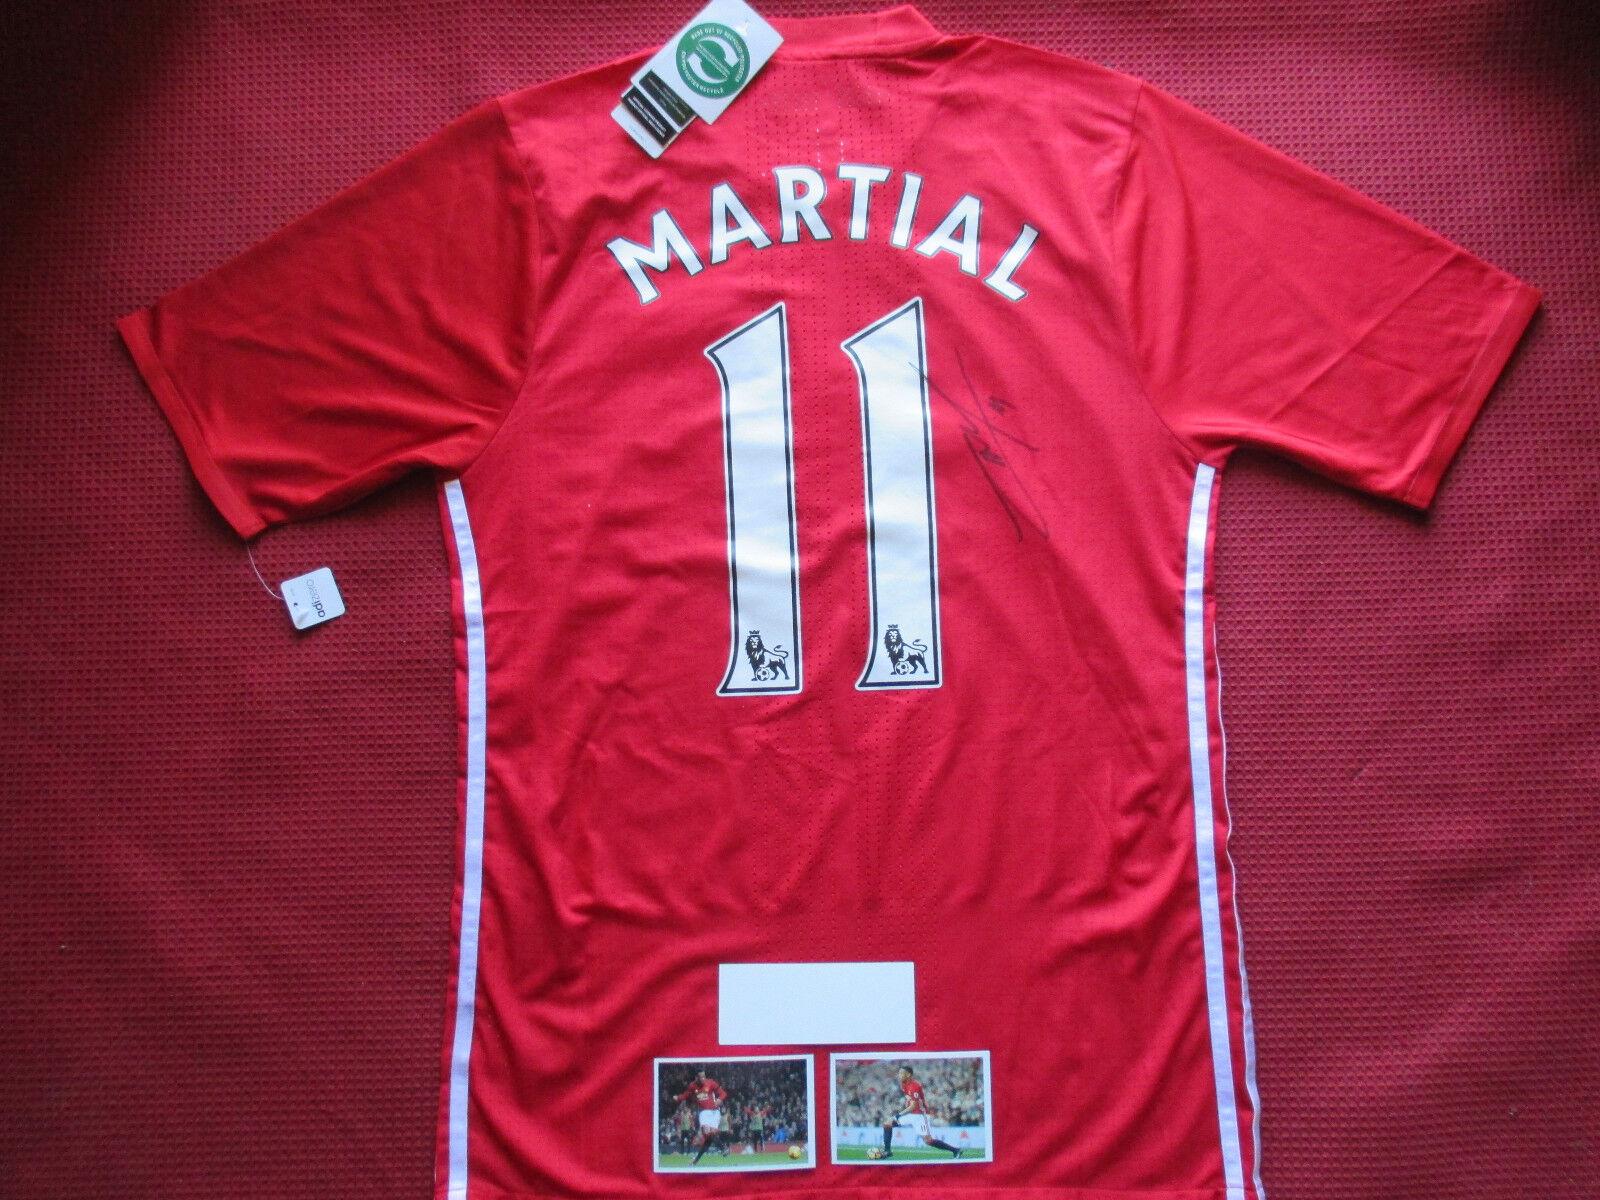 Manchester United Anthony Marcial firmado Hogar Camiseta Jersey 2016 17 - a prueba de foto